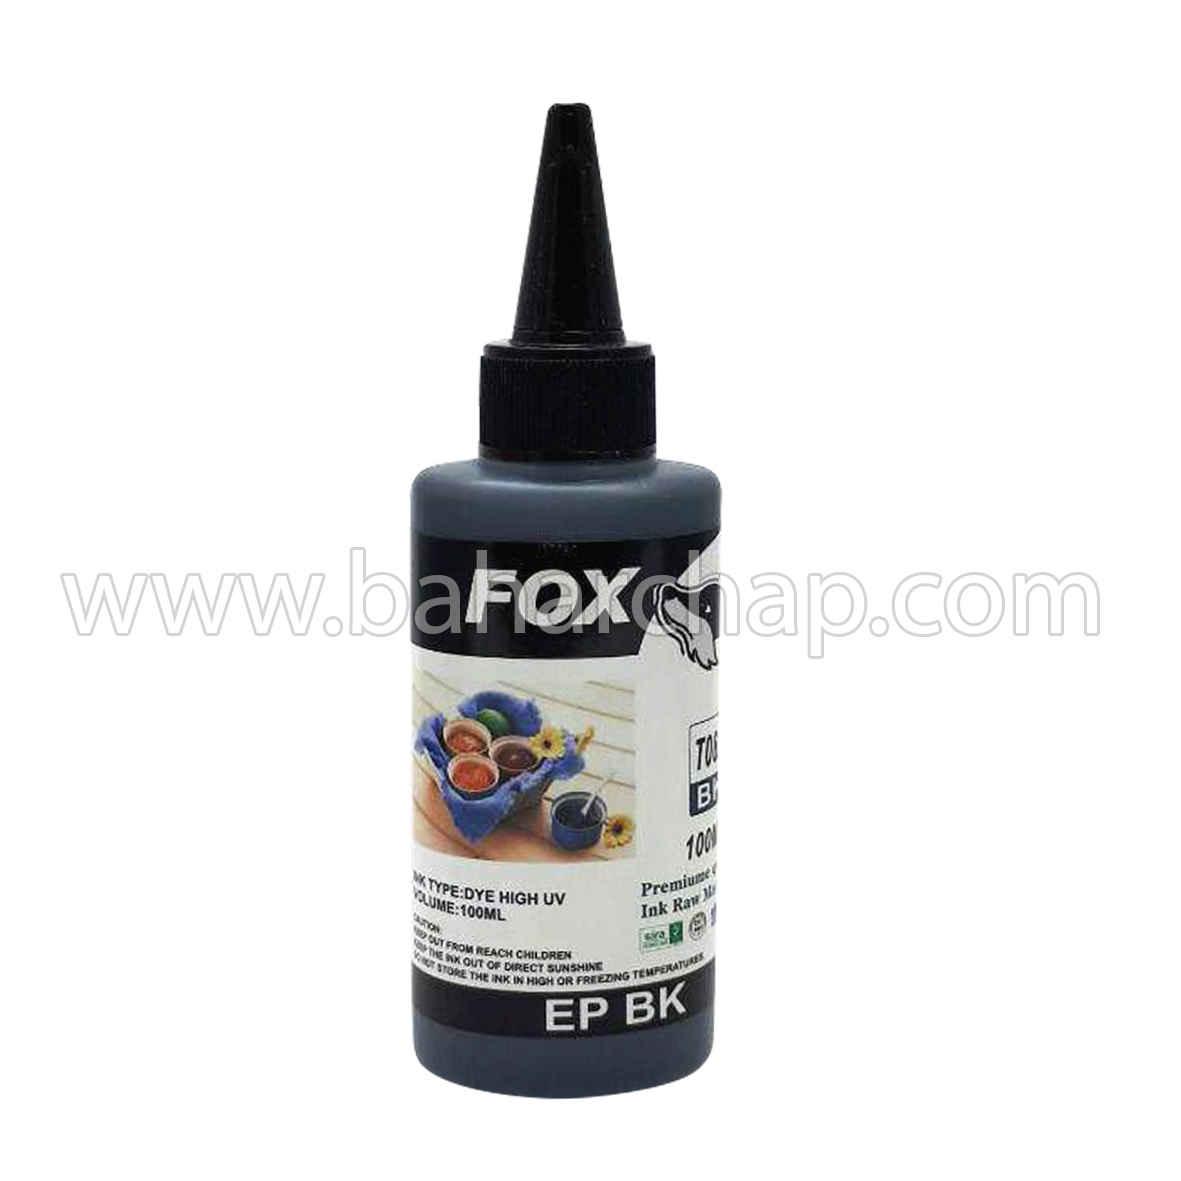 فروشگاه و خدمات اینترنتی بهارچاپ اصفهان-جوهر 100cc مشکی اپسون فوکس-fox epson black ink 100cc